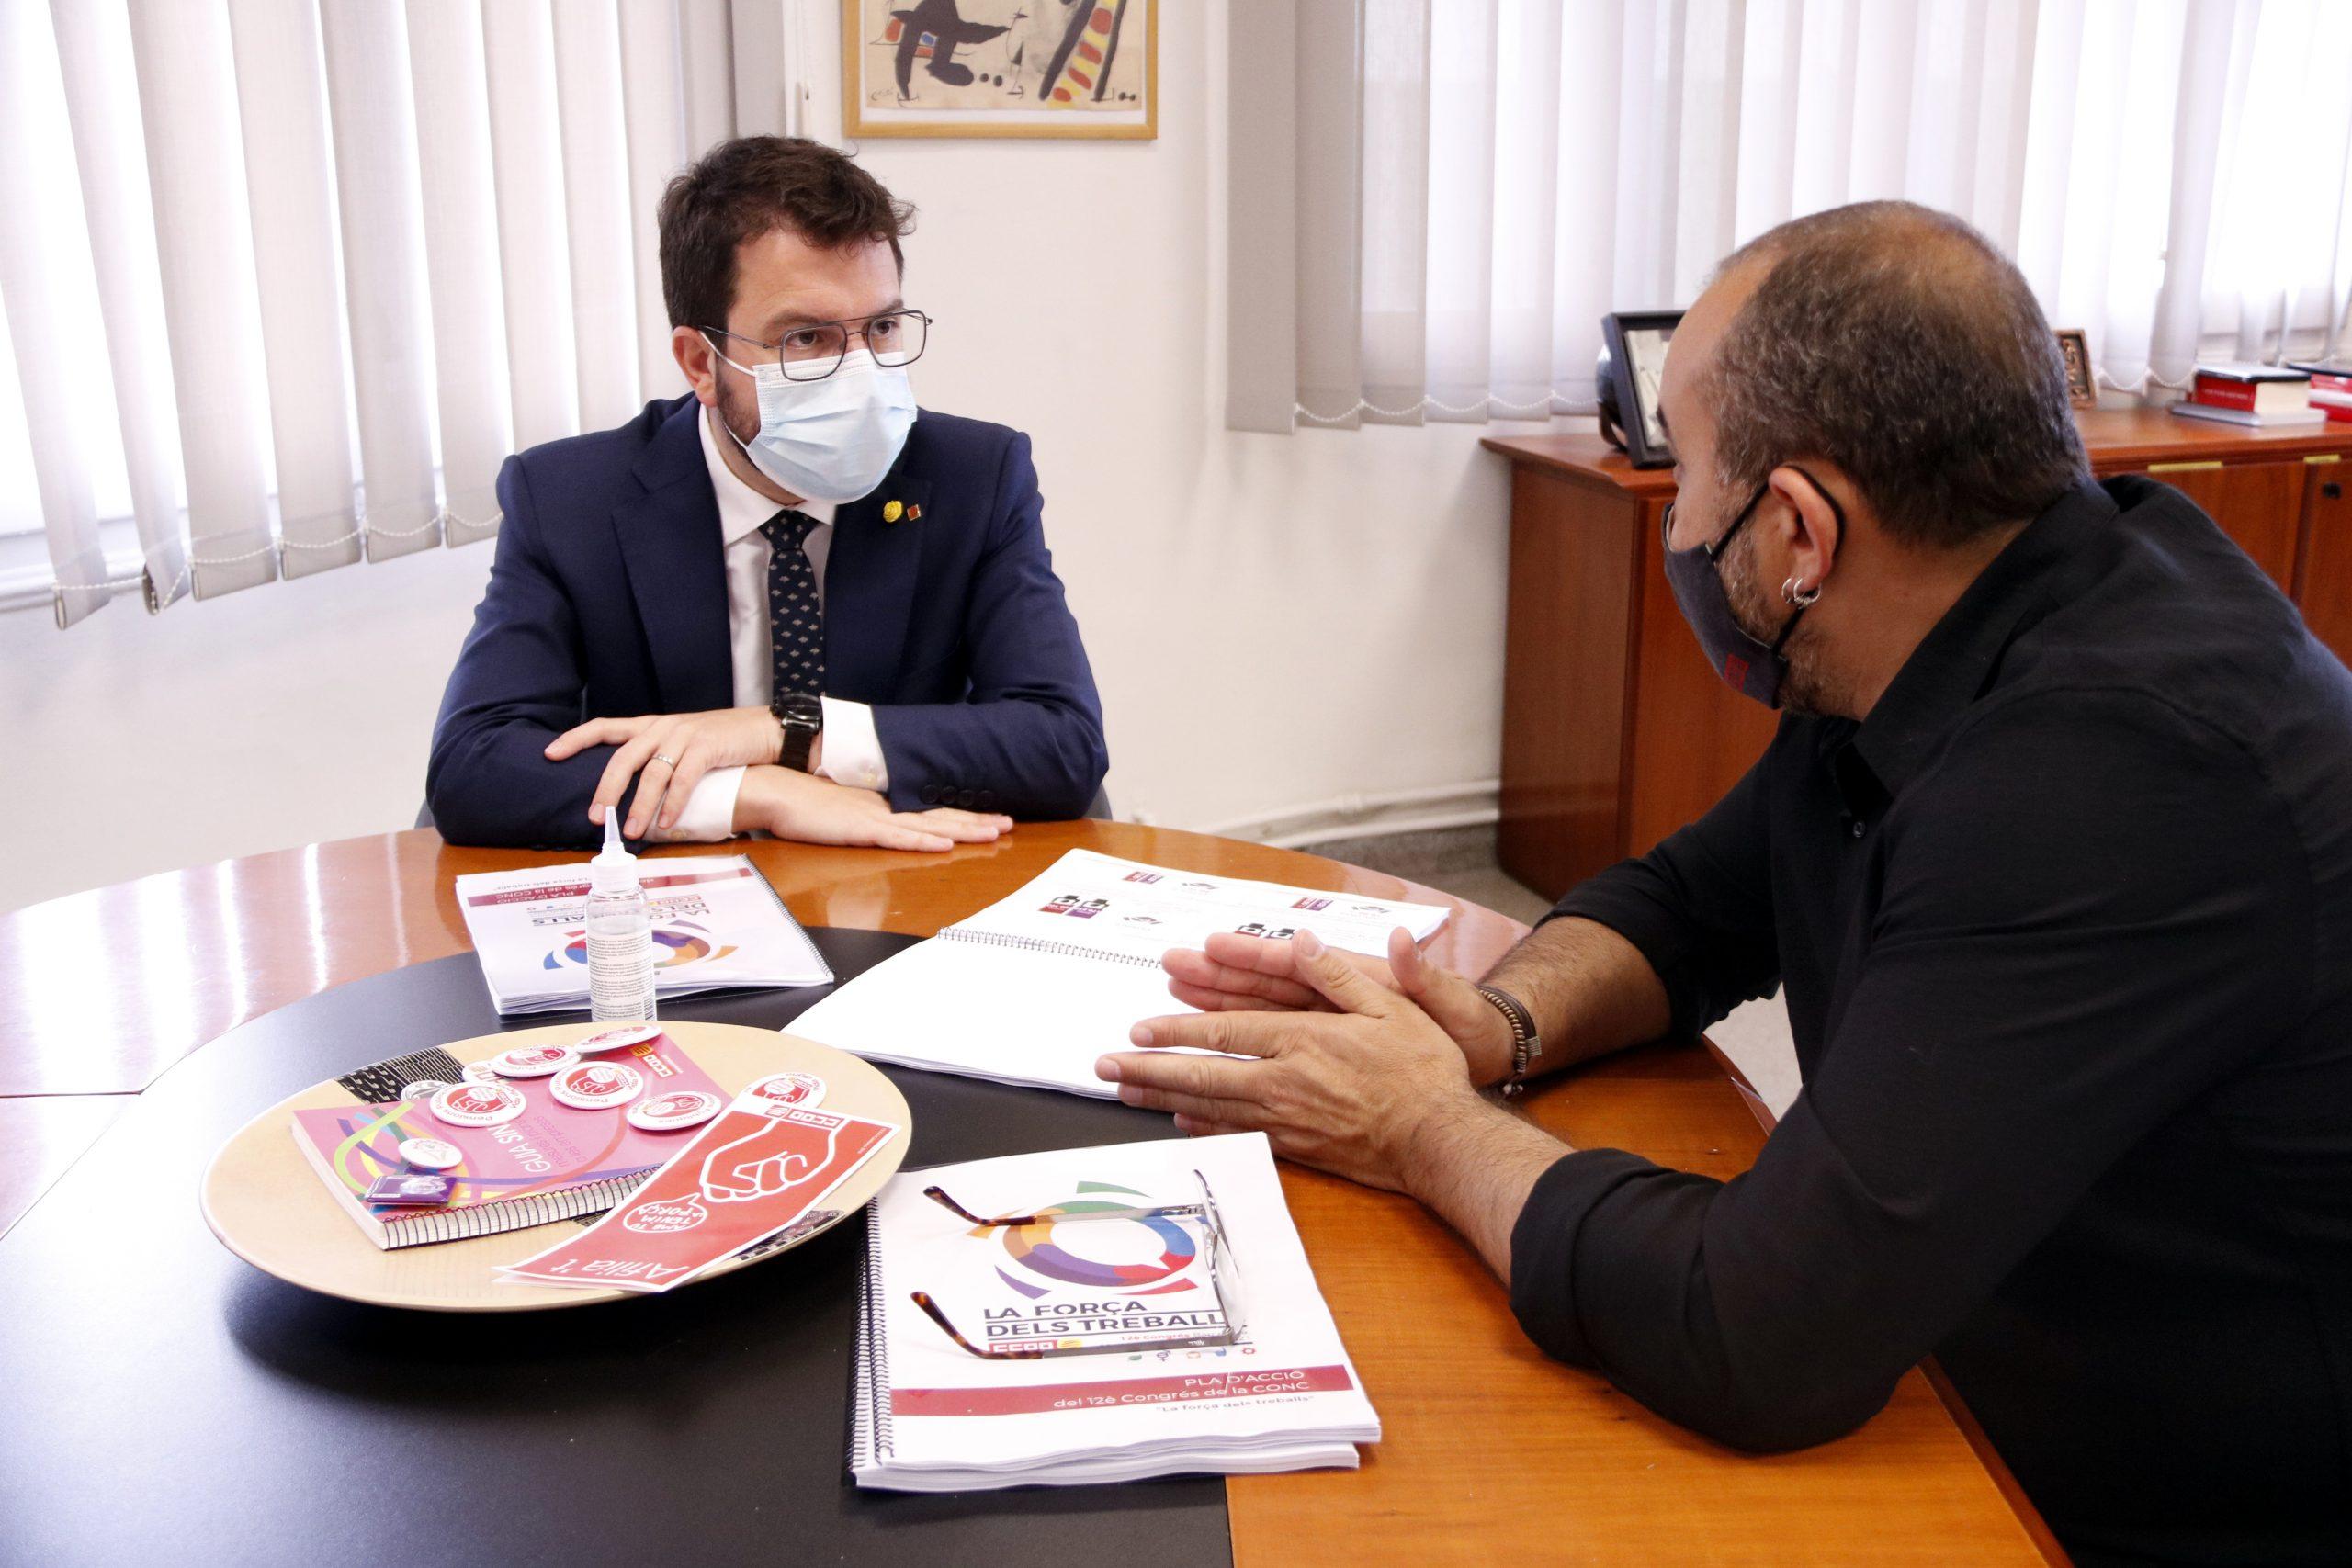 Pere Aragonès i Javier Pacheco reunits a la seu de CCOO de Catalunya, el 31 de maig del 2021 (Horitzontal).